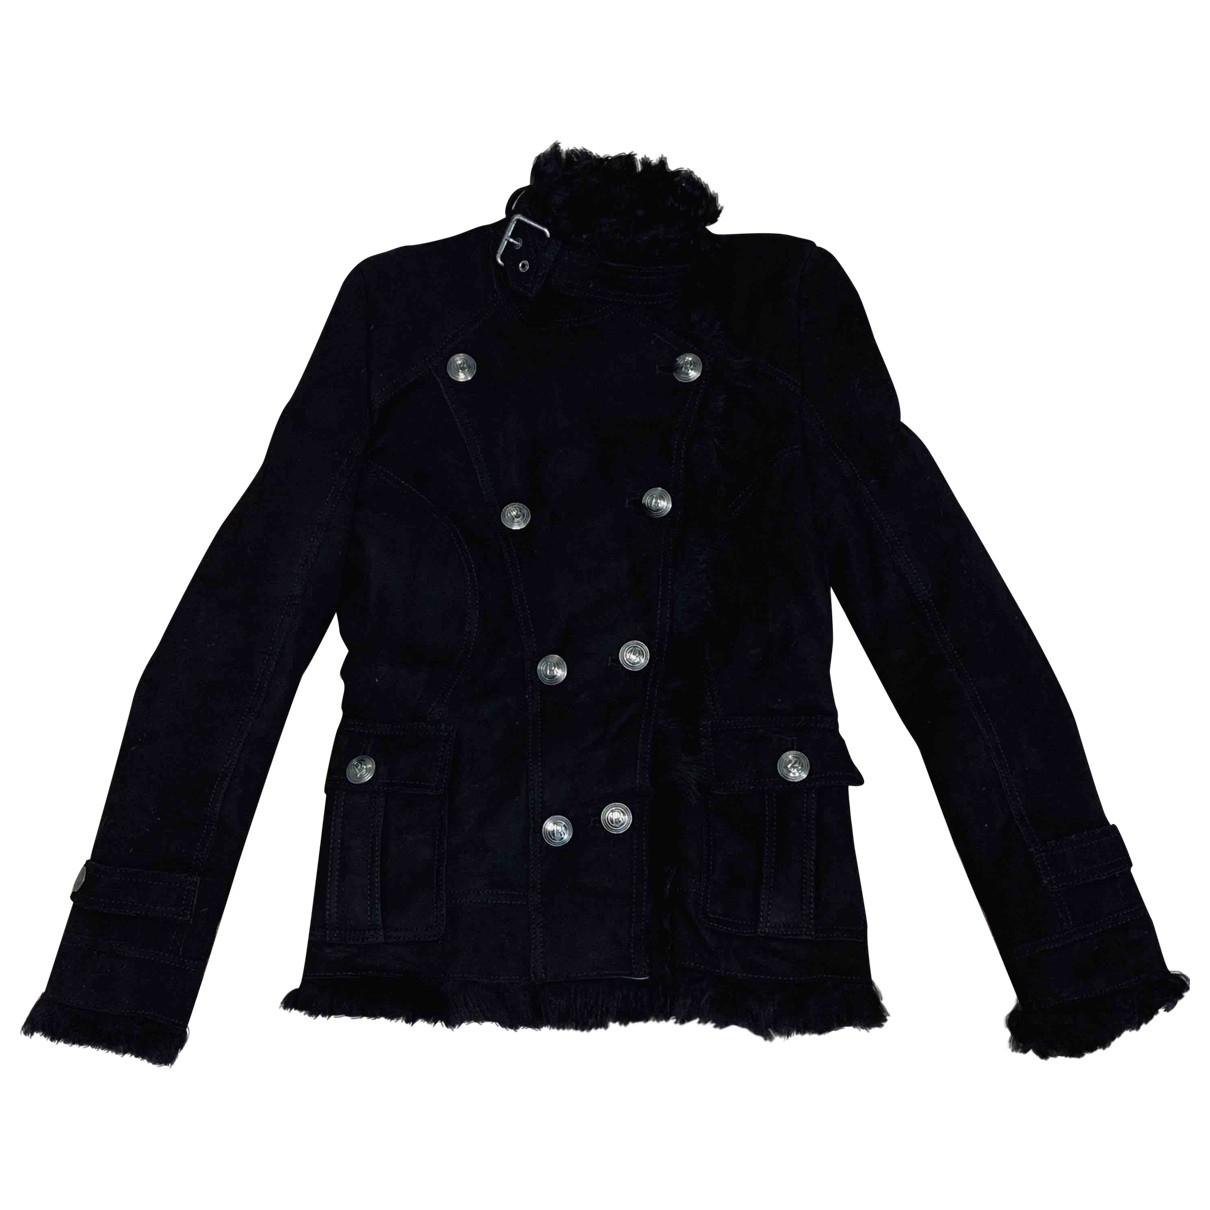 Pierre Balmain \N Black jacket for Women 34 FR